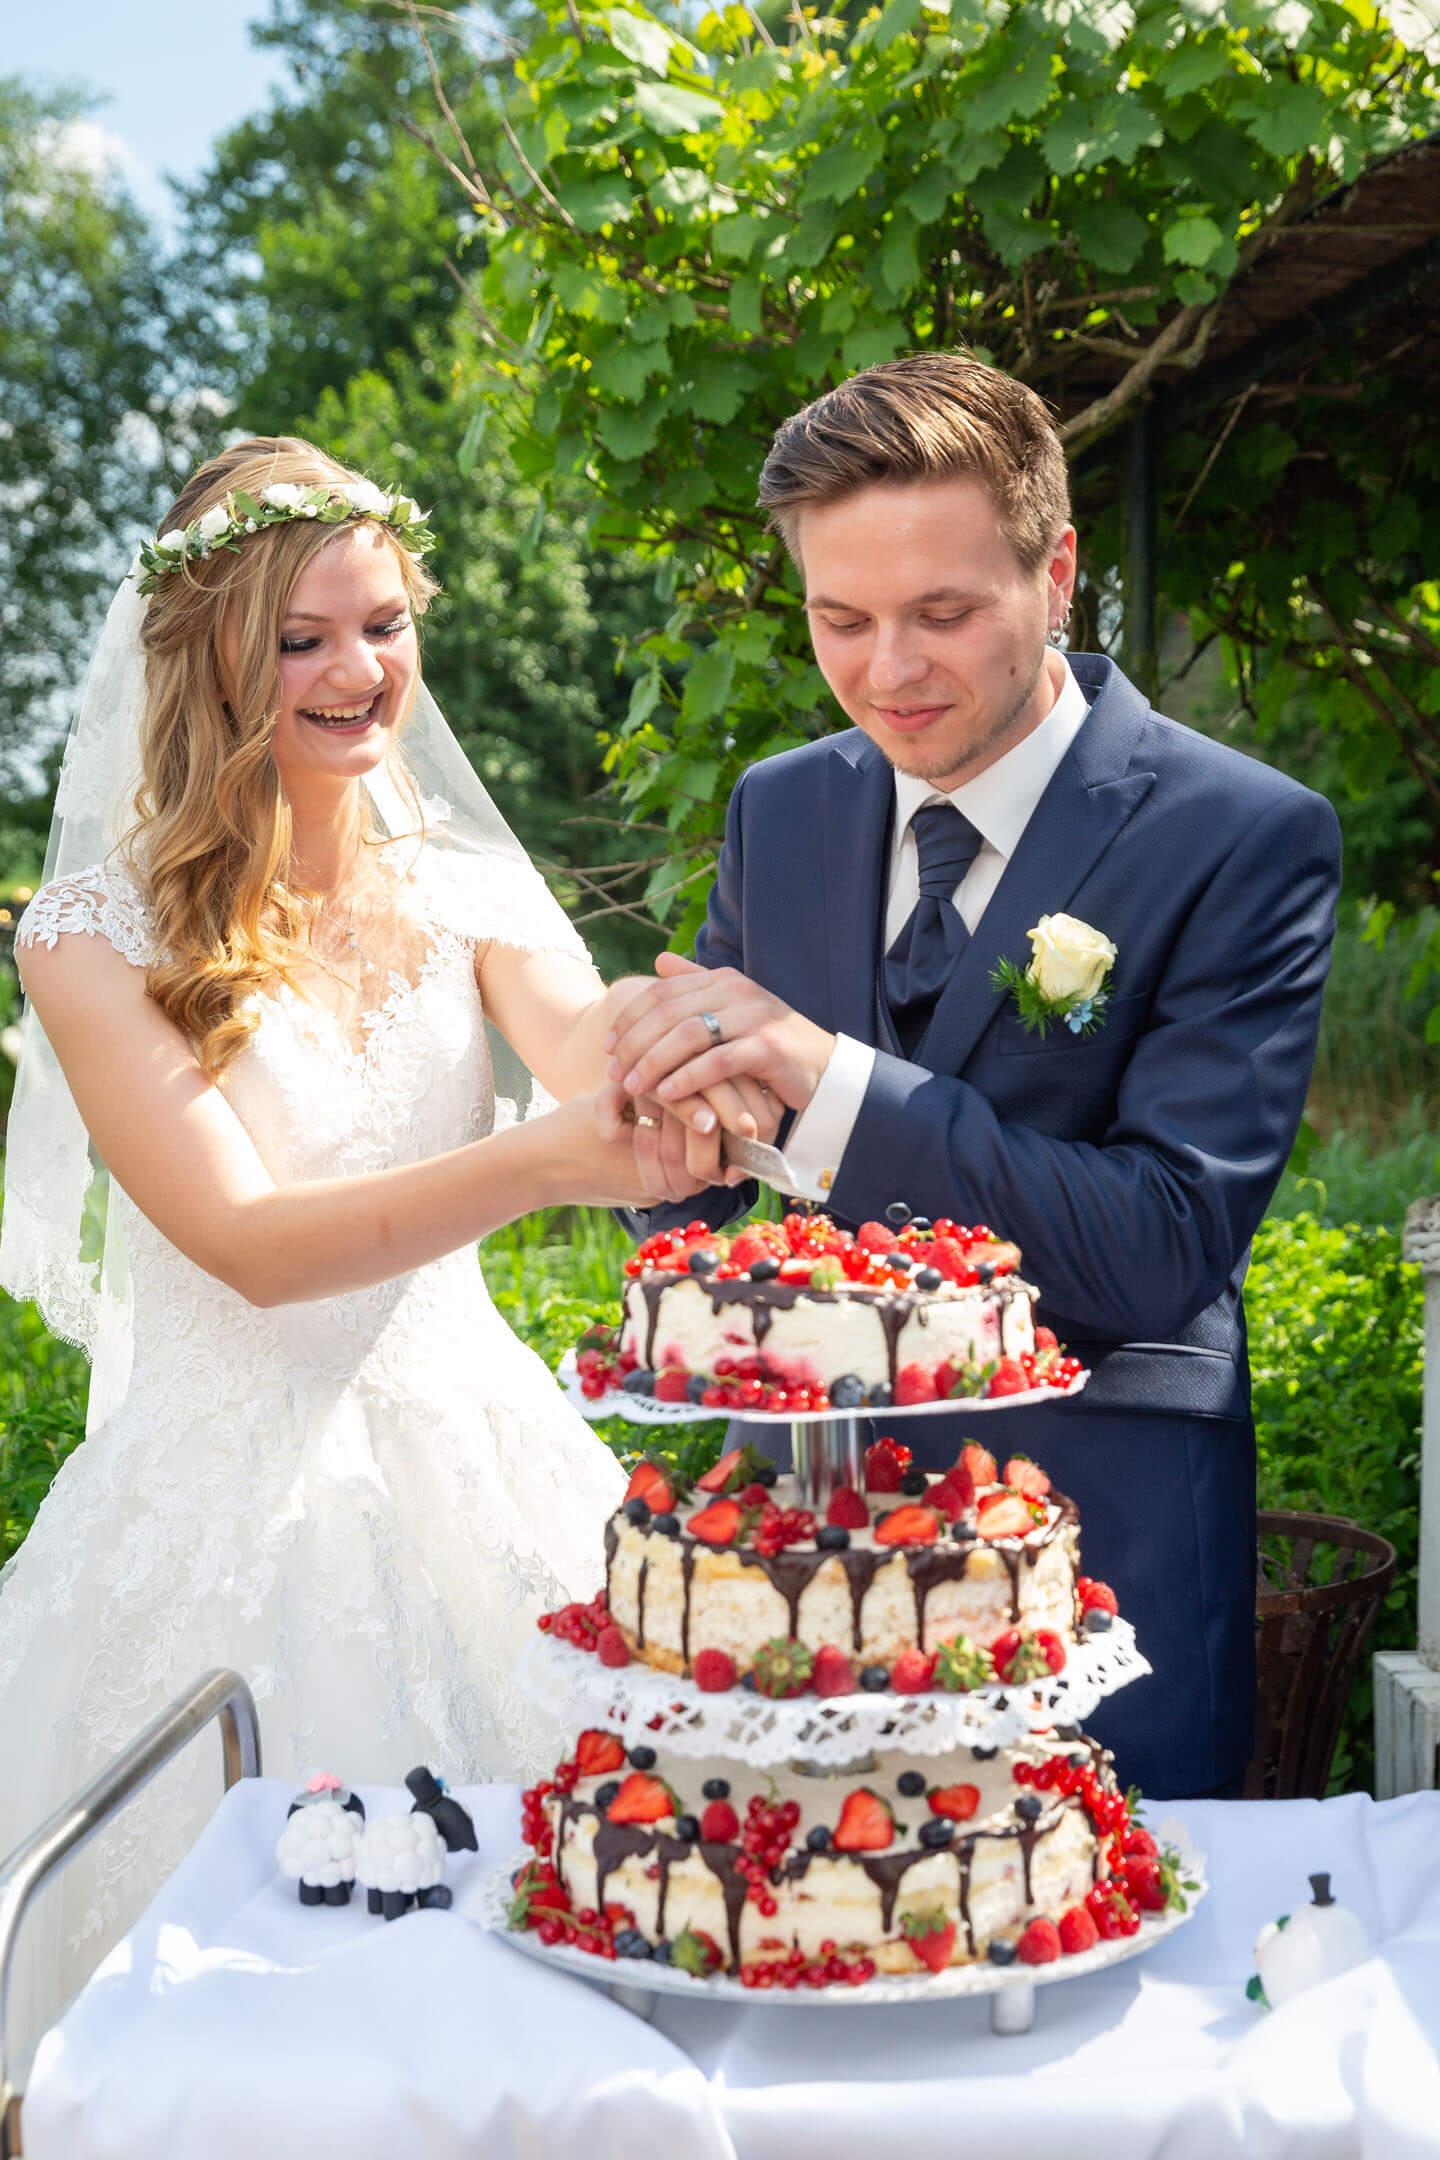 Anschnitt der Hochzeitstorte bei einer ganztägigen Begleitung als Hochzeitsfotograf